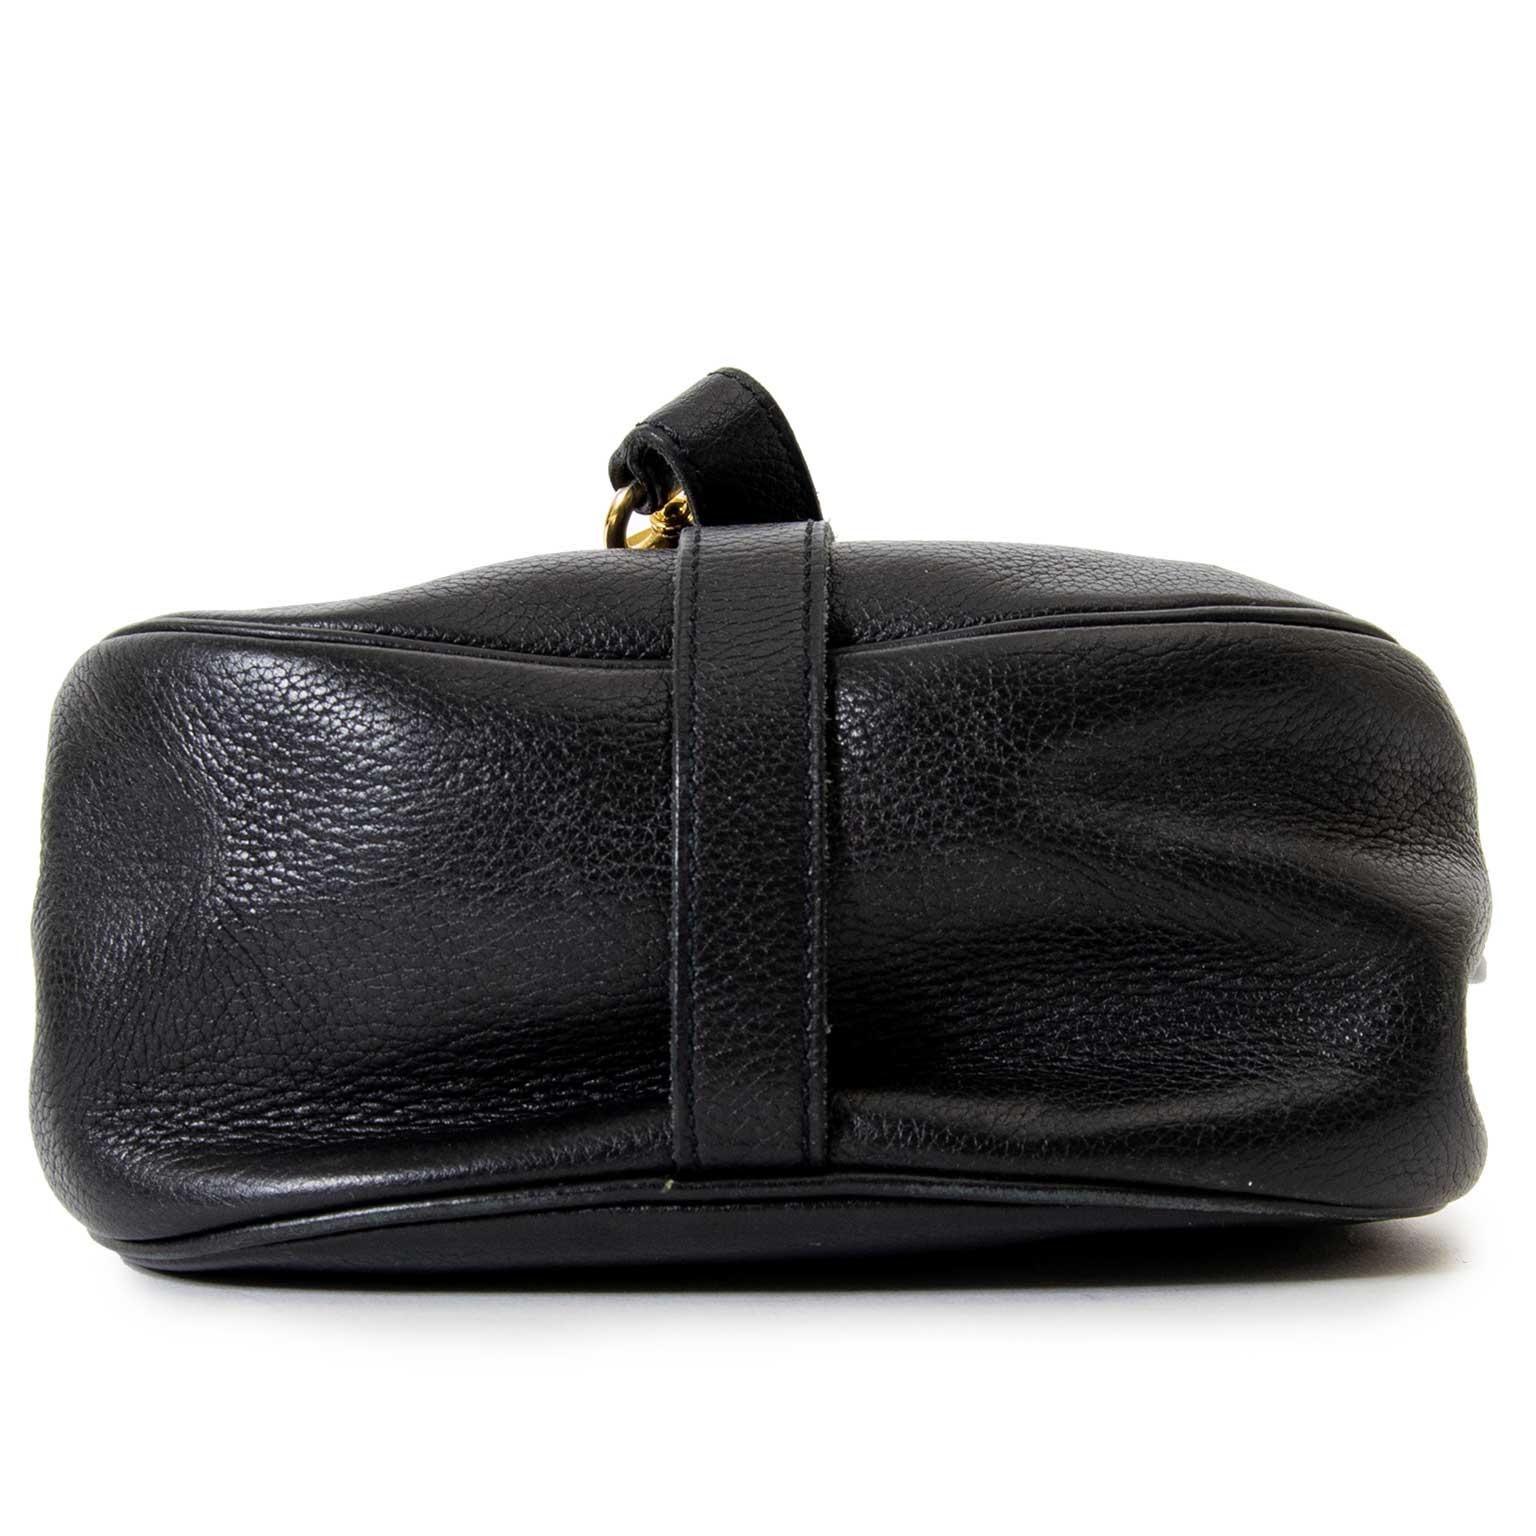 06bdc1bec9c7 Labellov Buy authentic vintagePrada designer bags